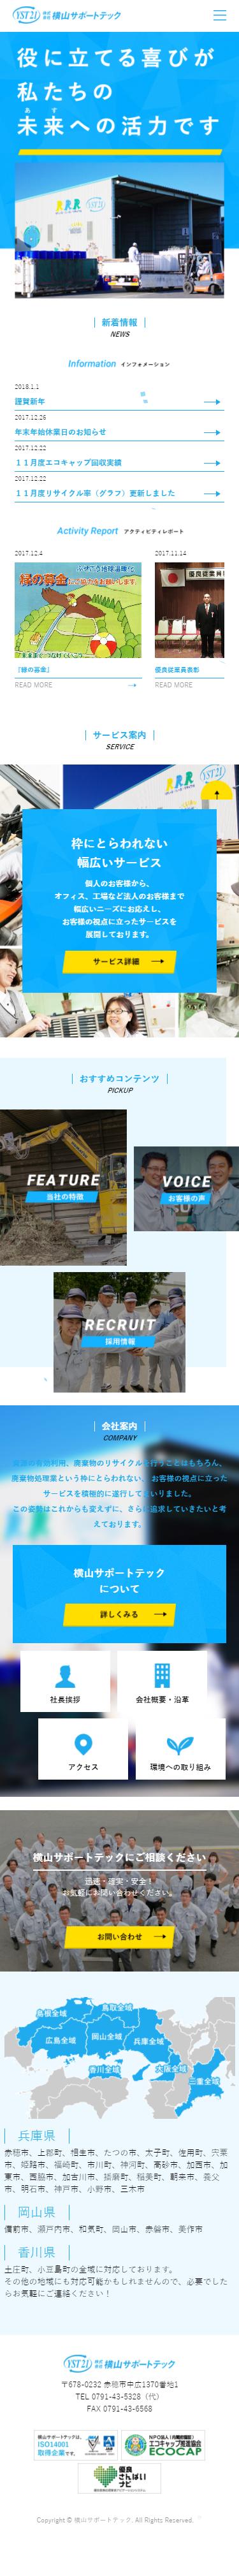 赤穂市 株式会社横山サポートテック様 ホームページ制作3